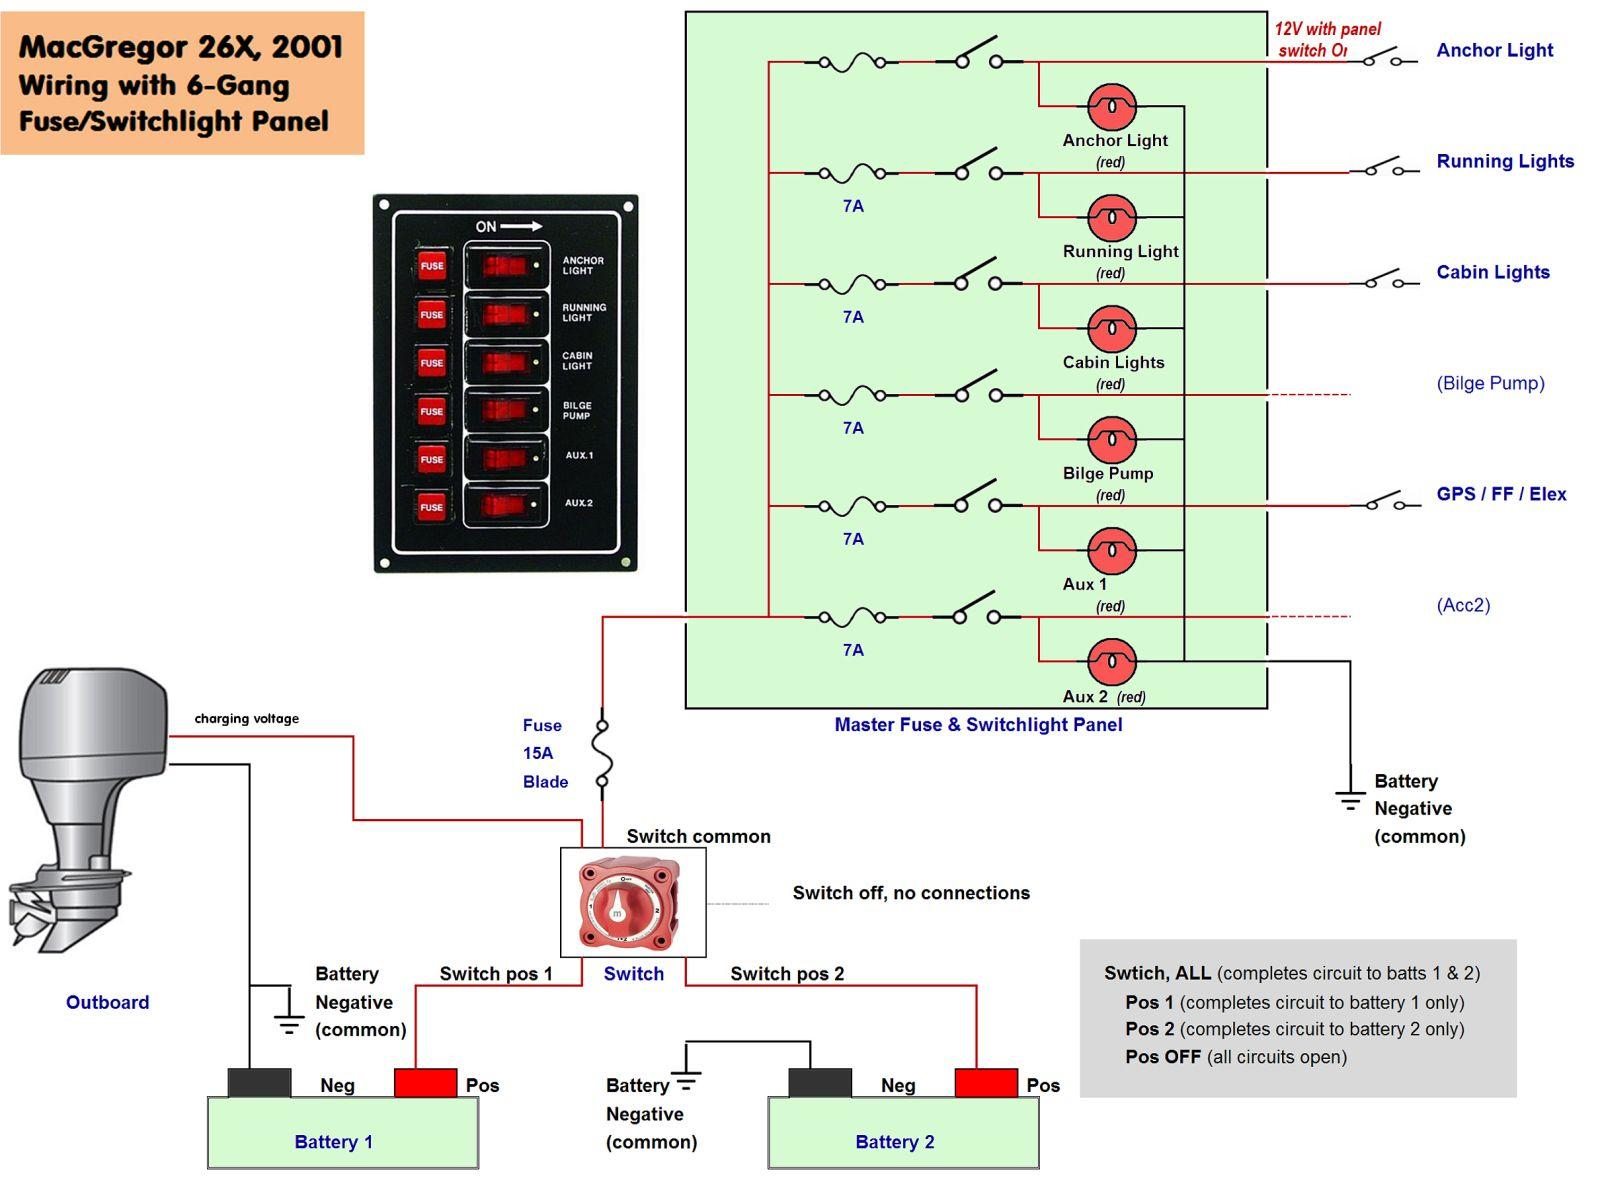 caravelle boat wiring diagram circuit diagram symbols \u2022 instrument repair wiring diagrams for boat free download wiring diagram xwiaw boat rh xwiaw us small boat wiring diagram boat instrument panel wiring diagrams